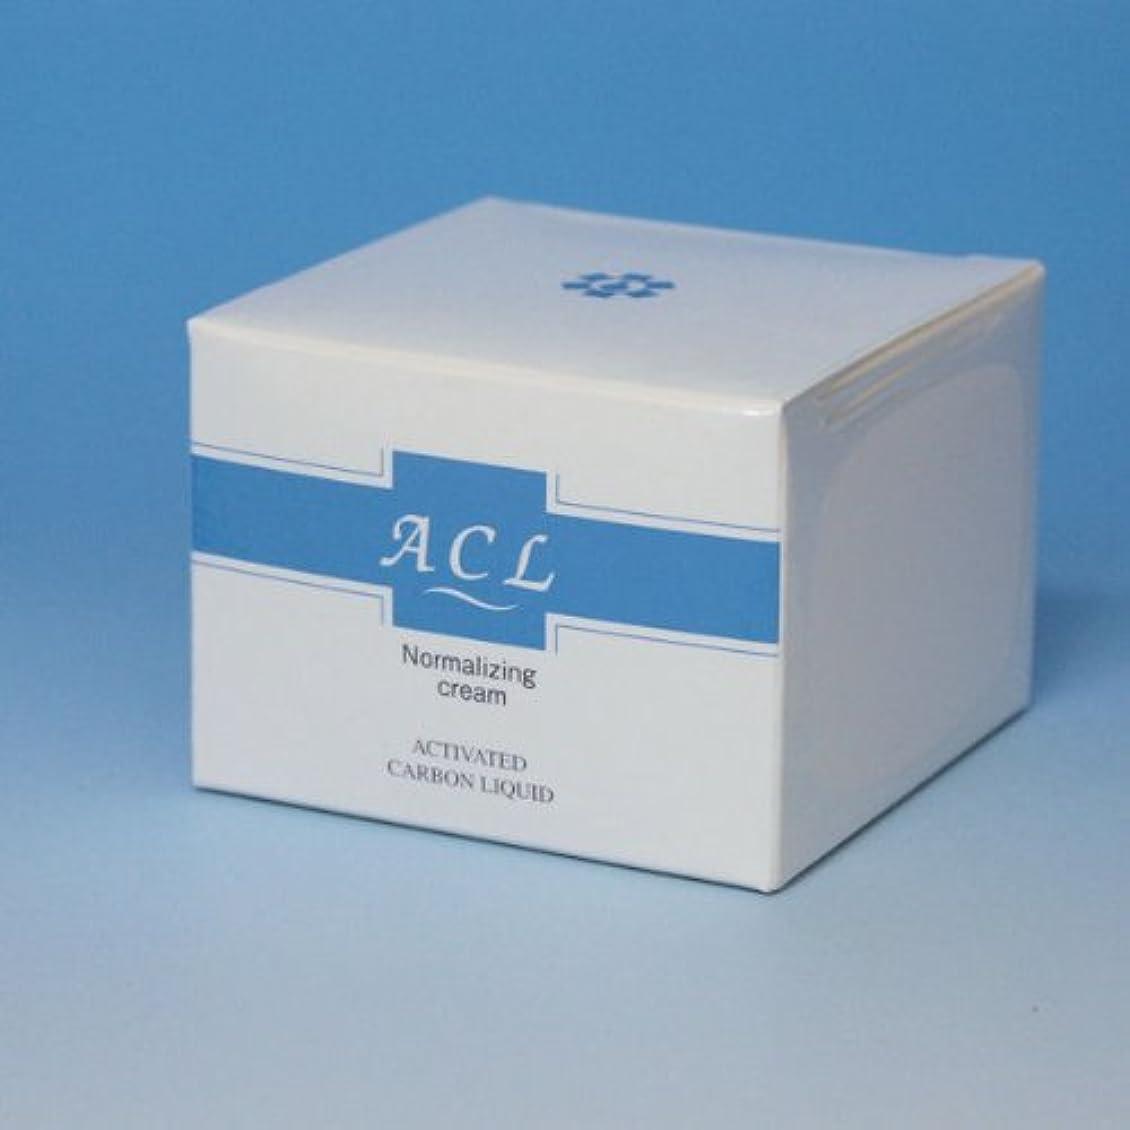 リングバックネブジャケット【日邦薬品】ACLノーマライジングクリーム 30g